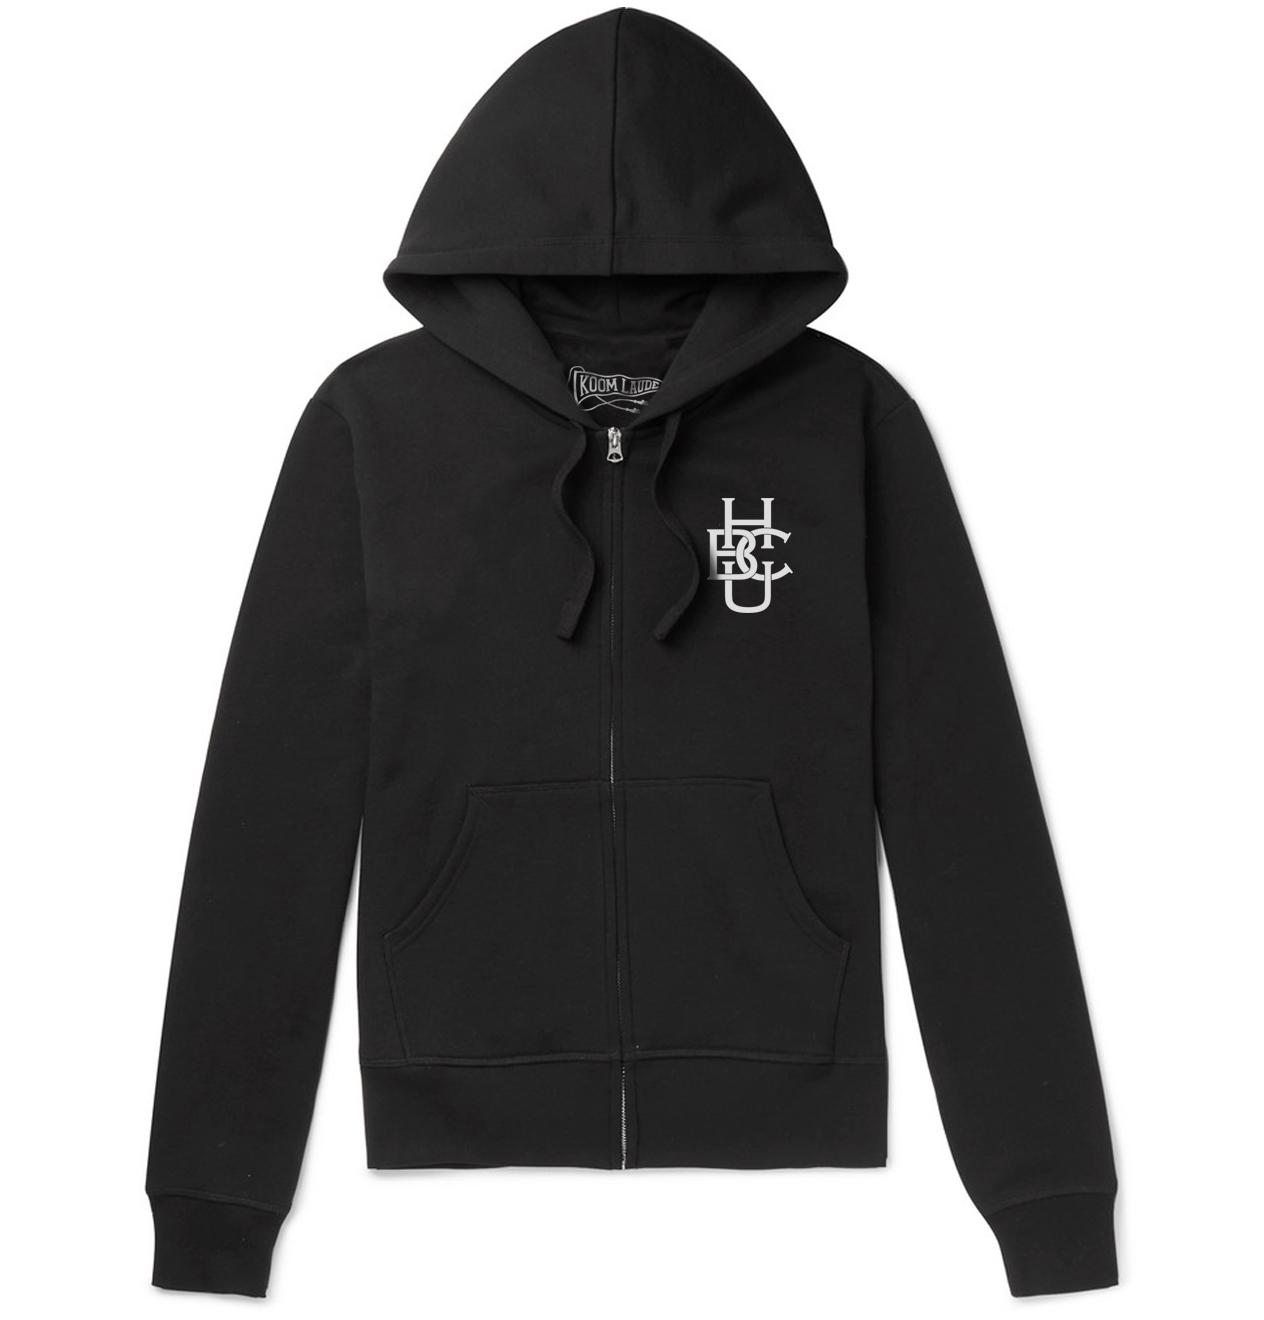 Koom-Laude--Zip-Hoodie-Logo-HBCU.png